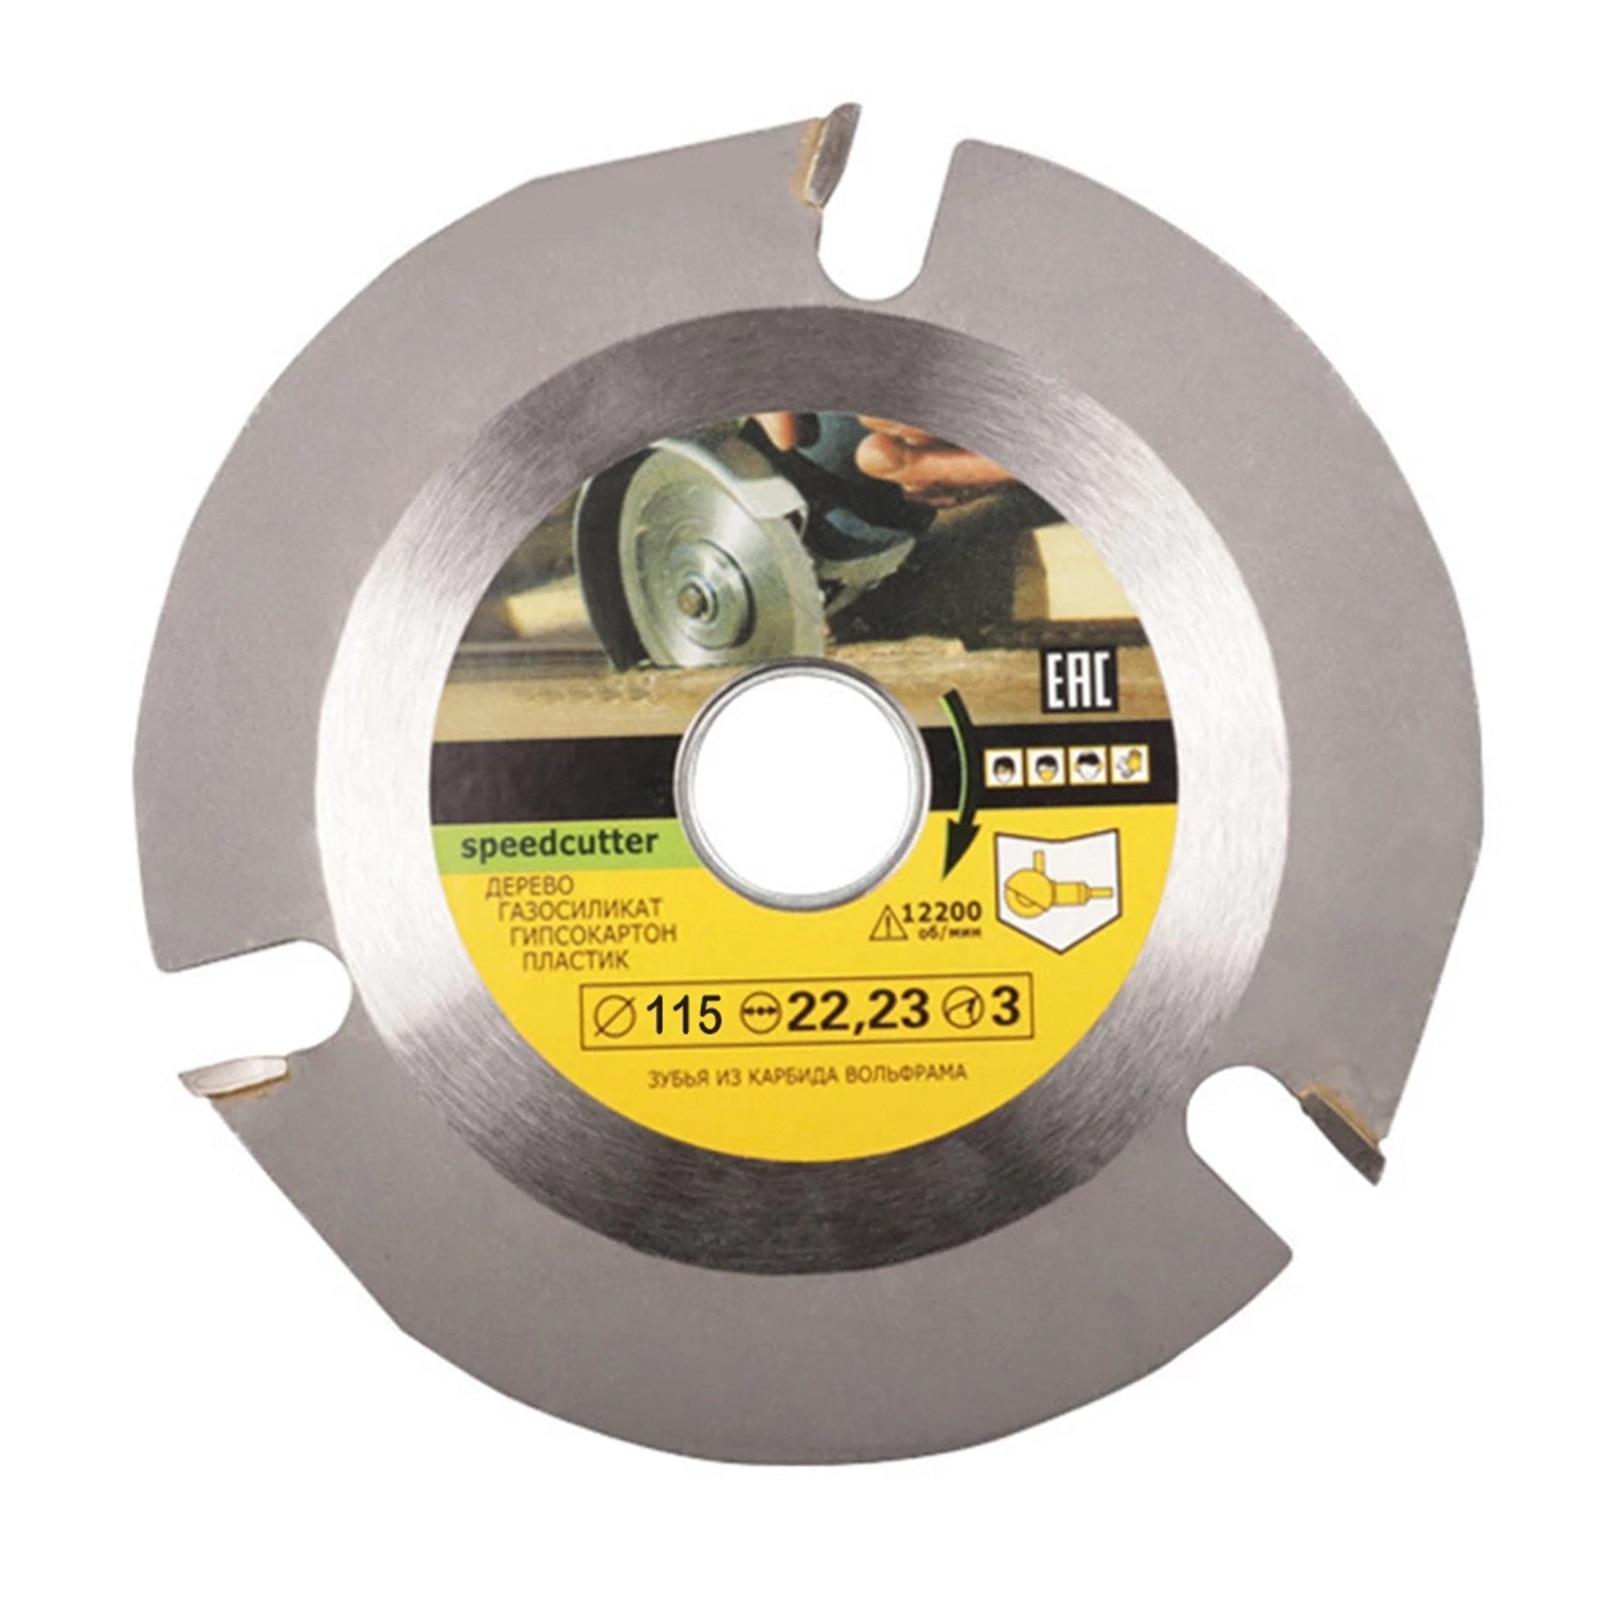 Циркулярная-с-карбидным-режущим-диском-режущий-диск-для-дерева-инструмент-для-резьбы-по-дереву-многофункциональная-трехзубная-пила